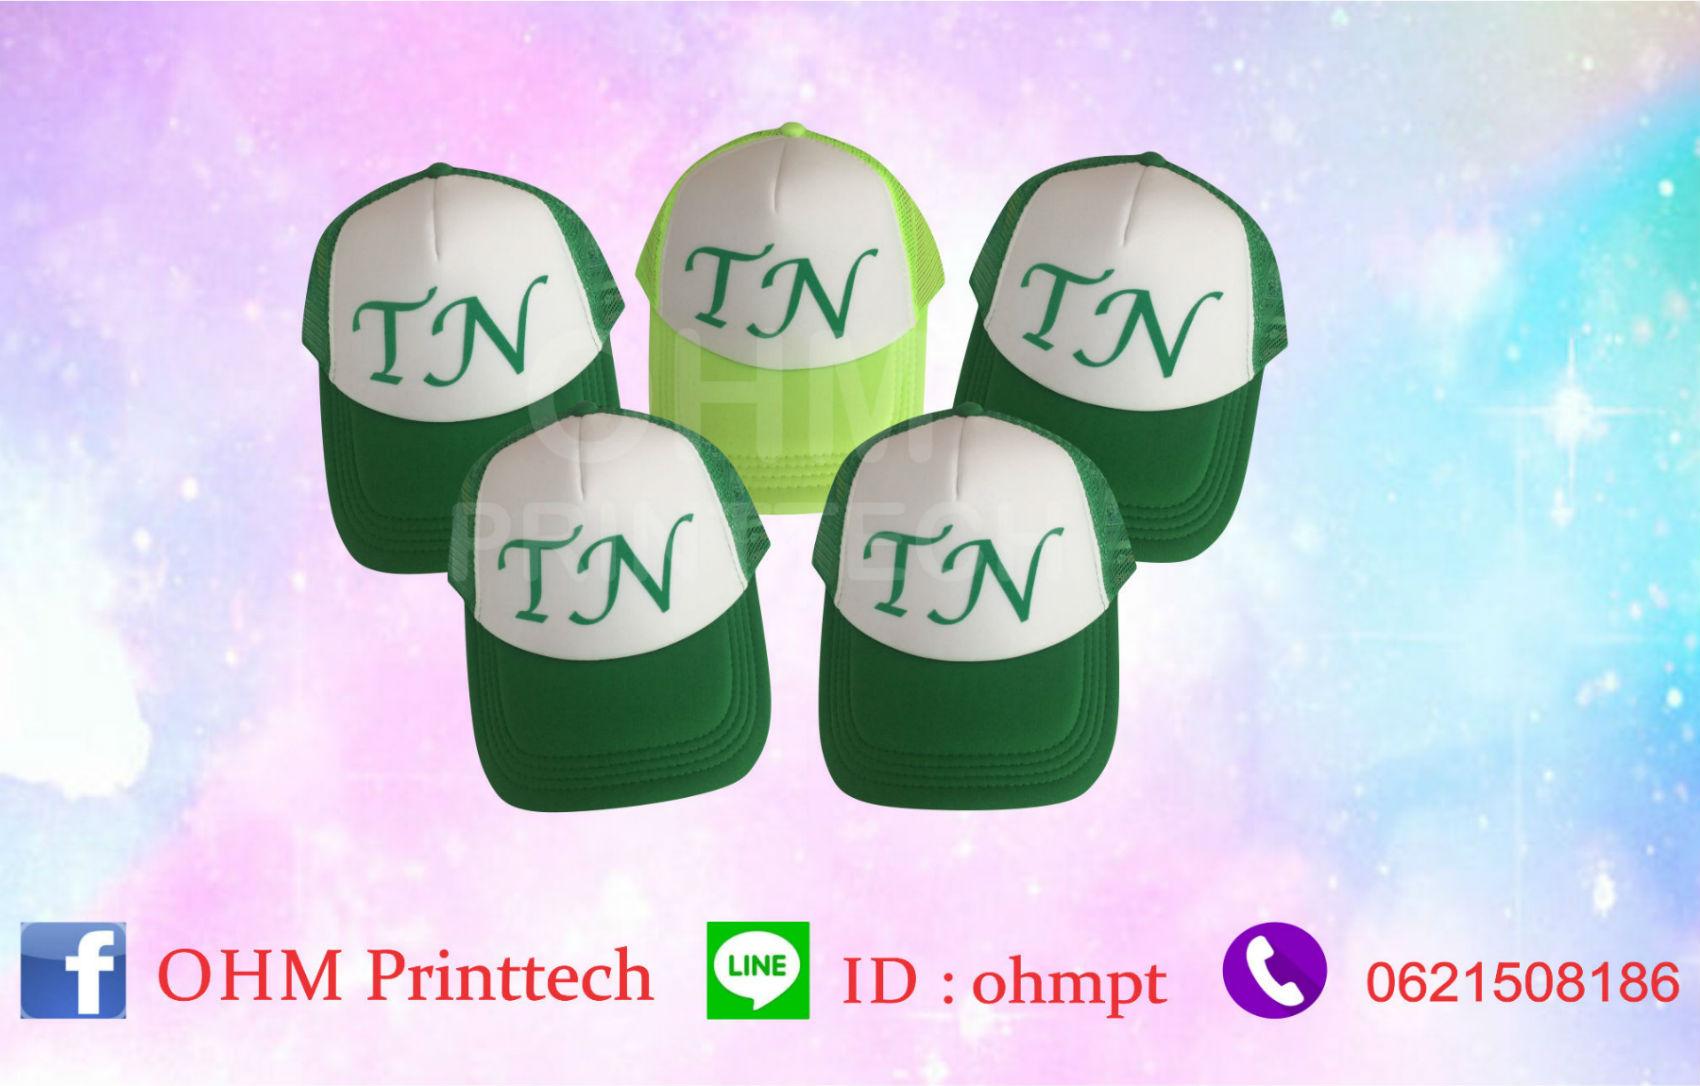 หมวกติดชื่อ ติดตัวอักษร ราคาถูก